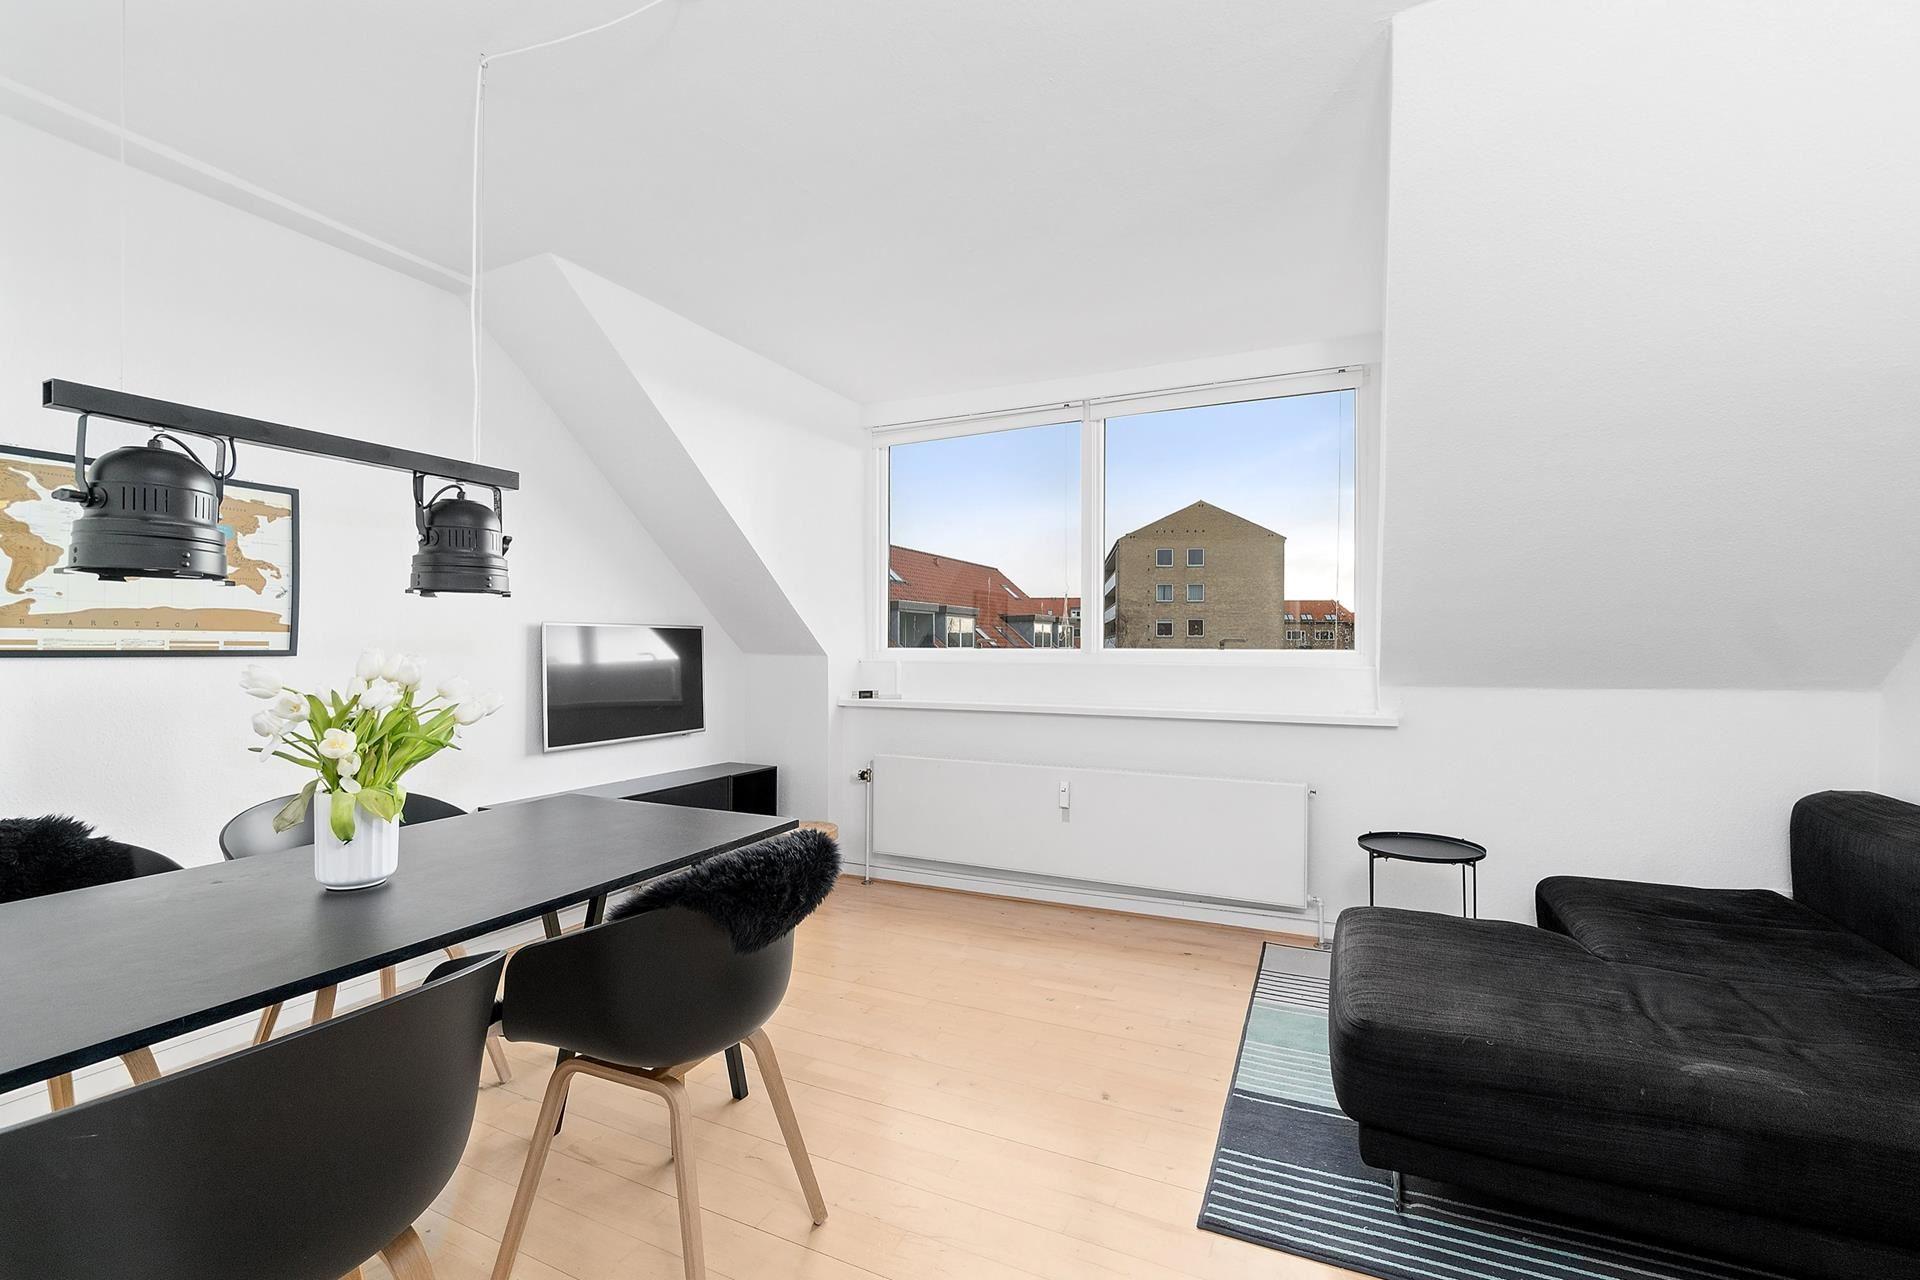 Langenæs Allé 41 3 mf, 8000 Aarhus C